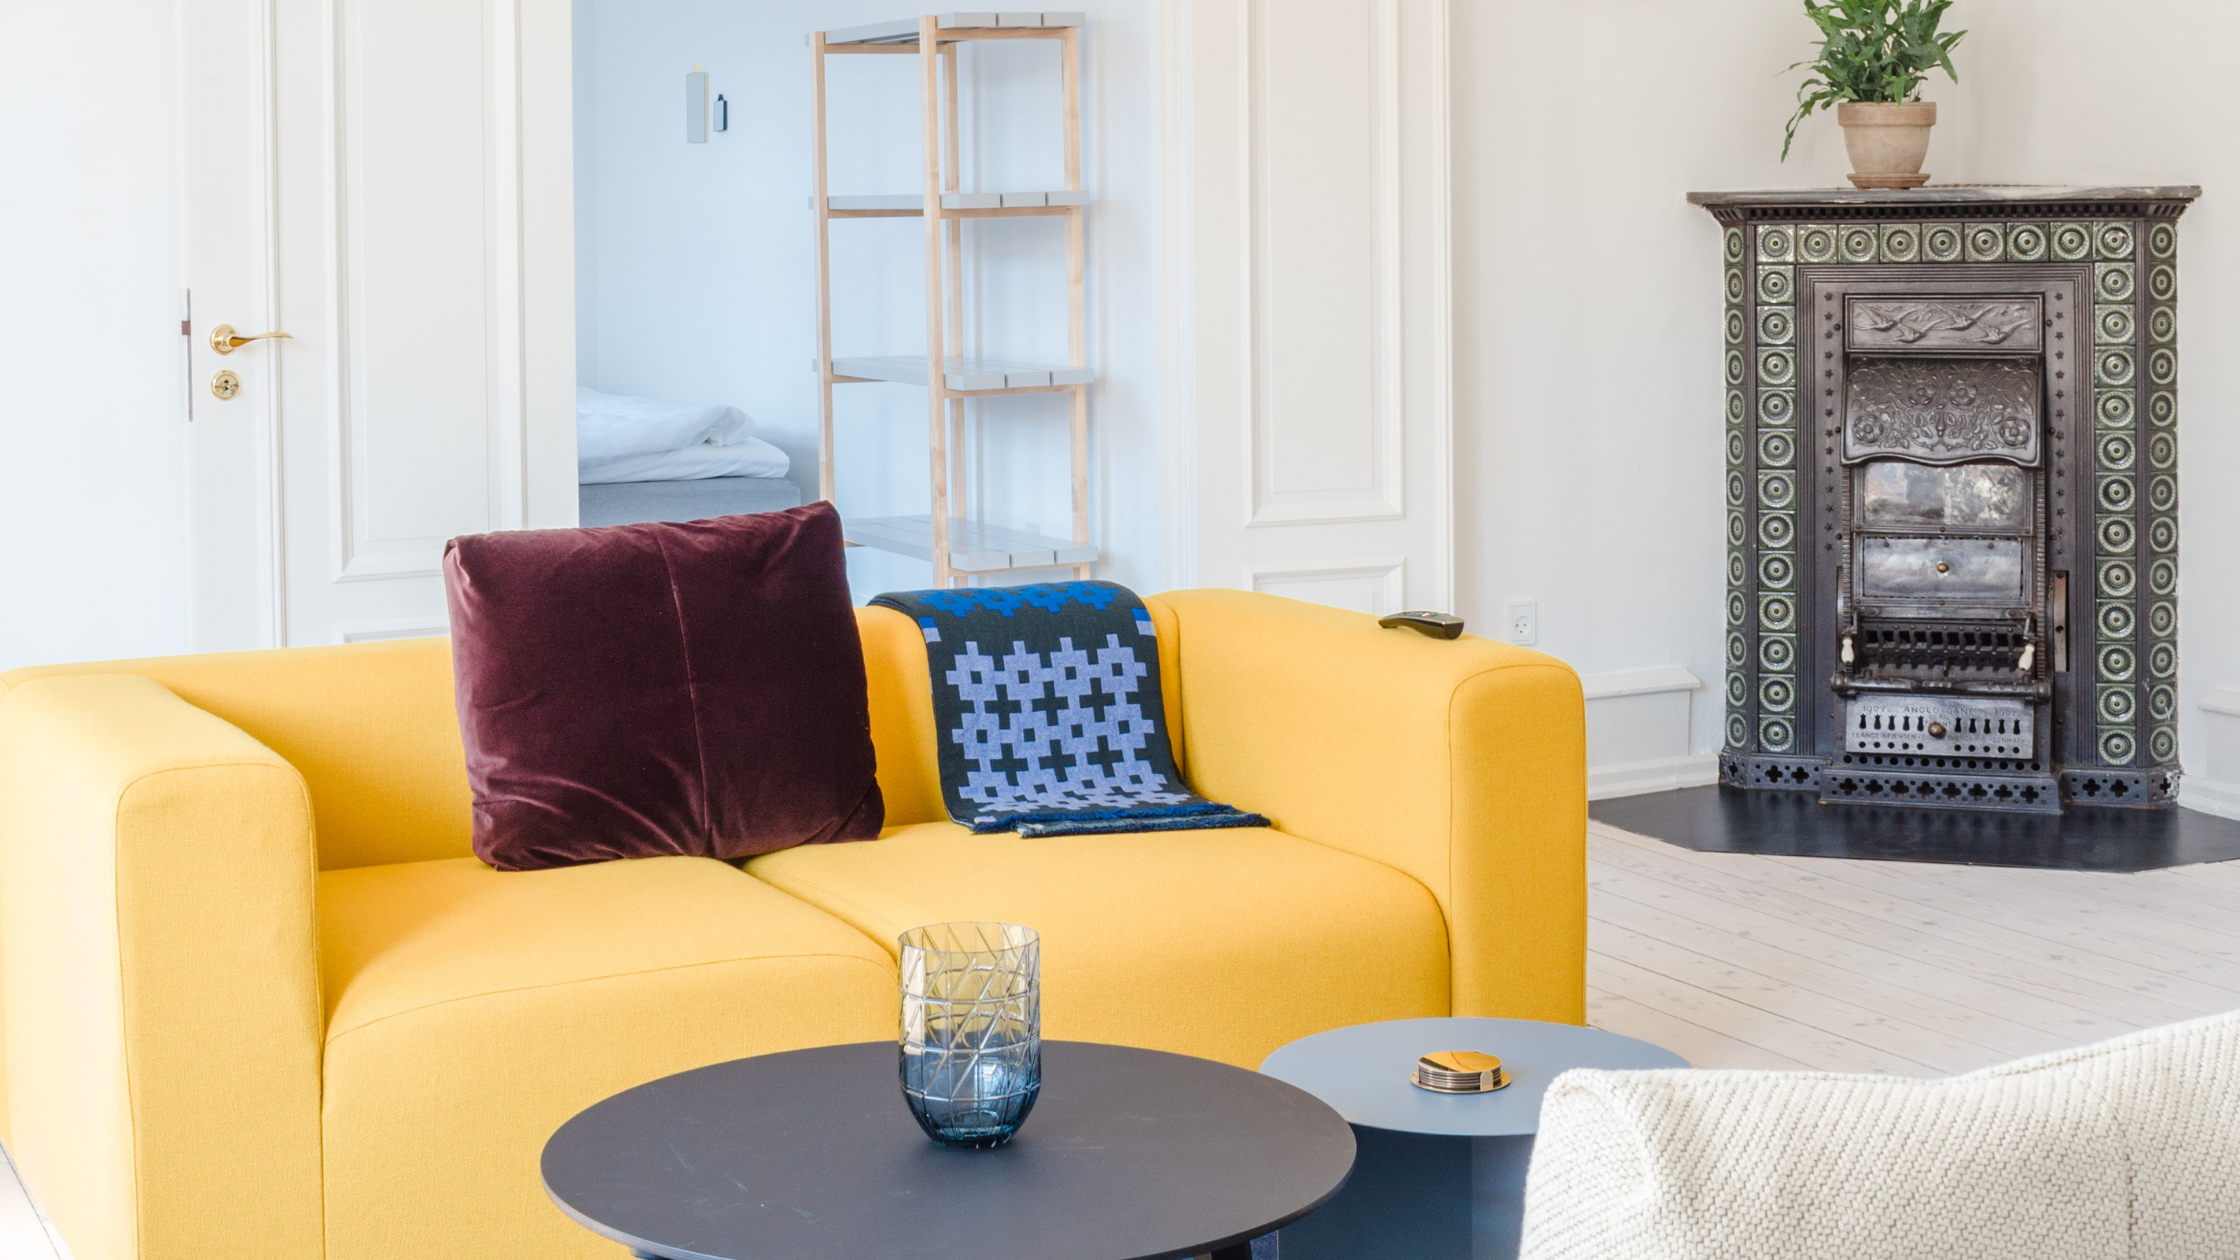 LifeX Apartment Copenhagen